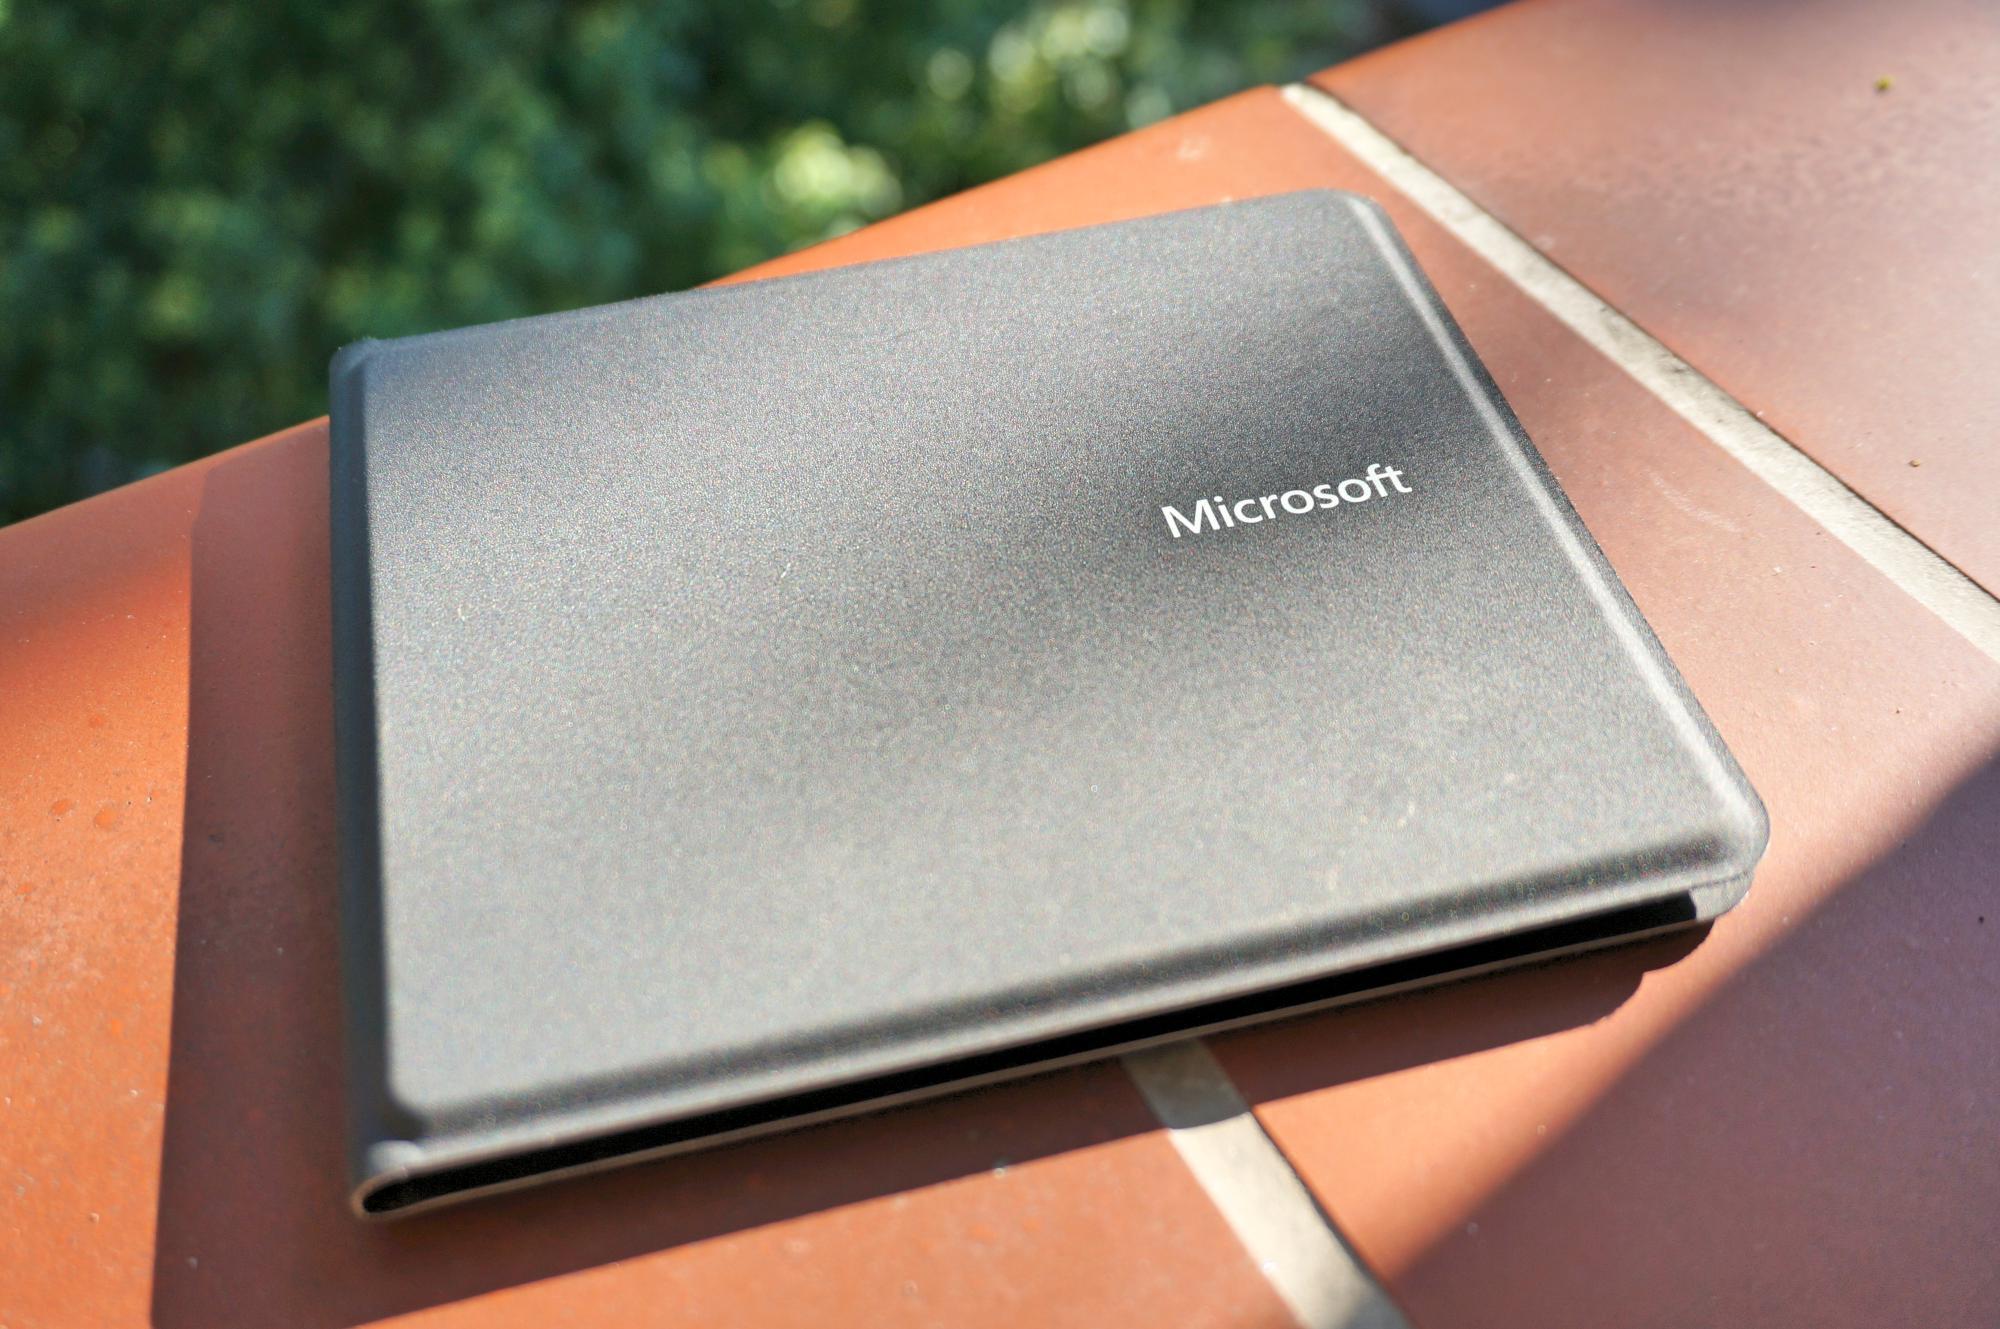 universal-foldable-keyboard-microsoft-5